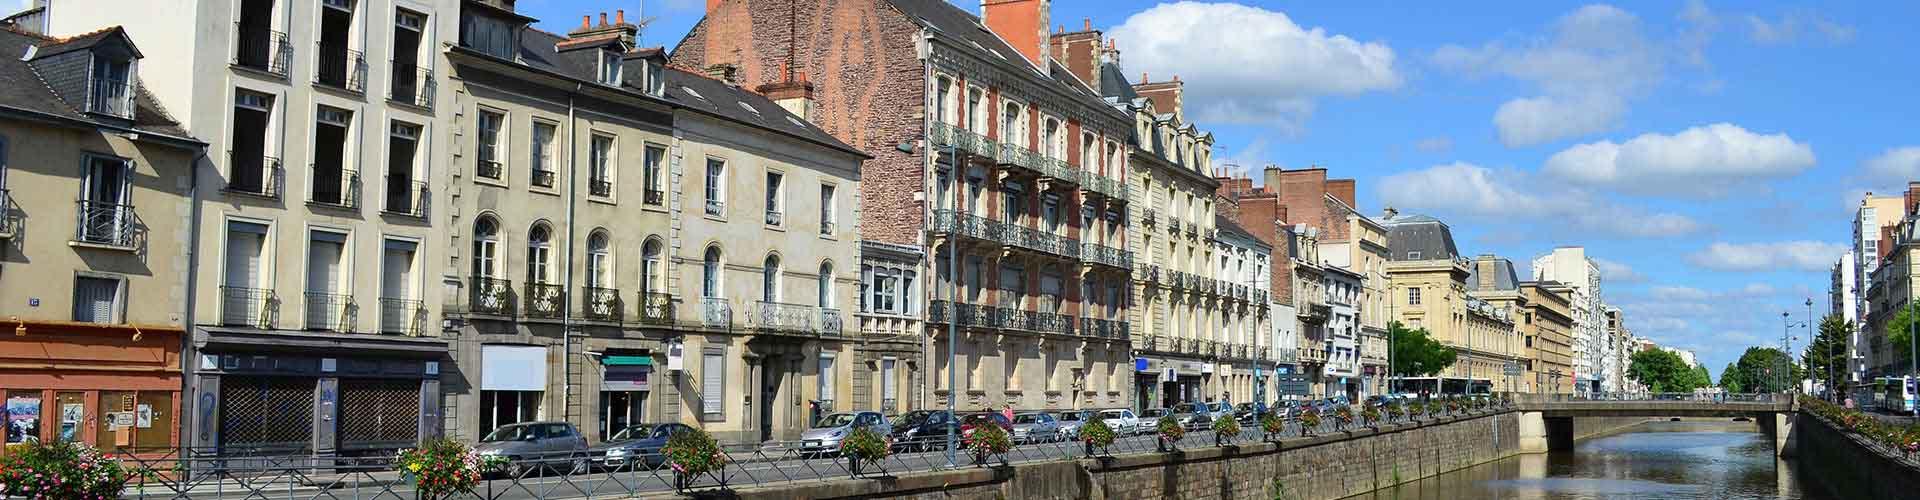 Rennes - Habitaciones en Rennes. Mapas de Rennes, Fotos y comentarios de cada Habitación en Rennes.